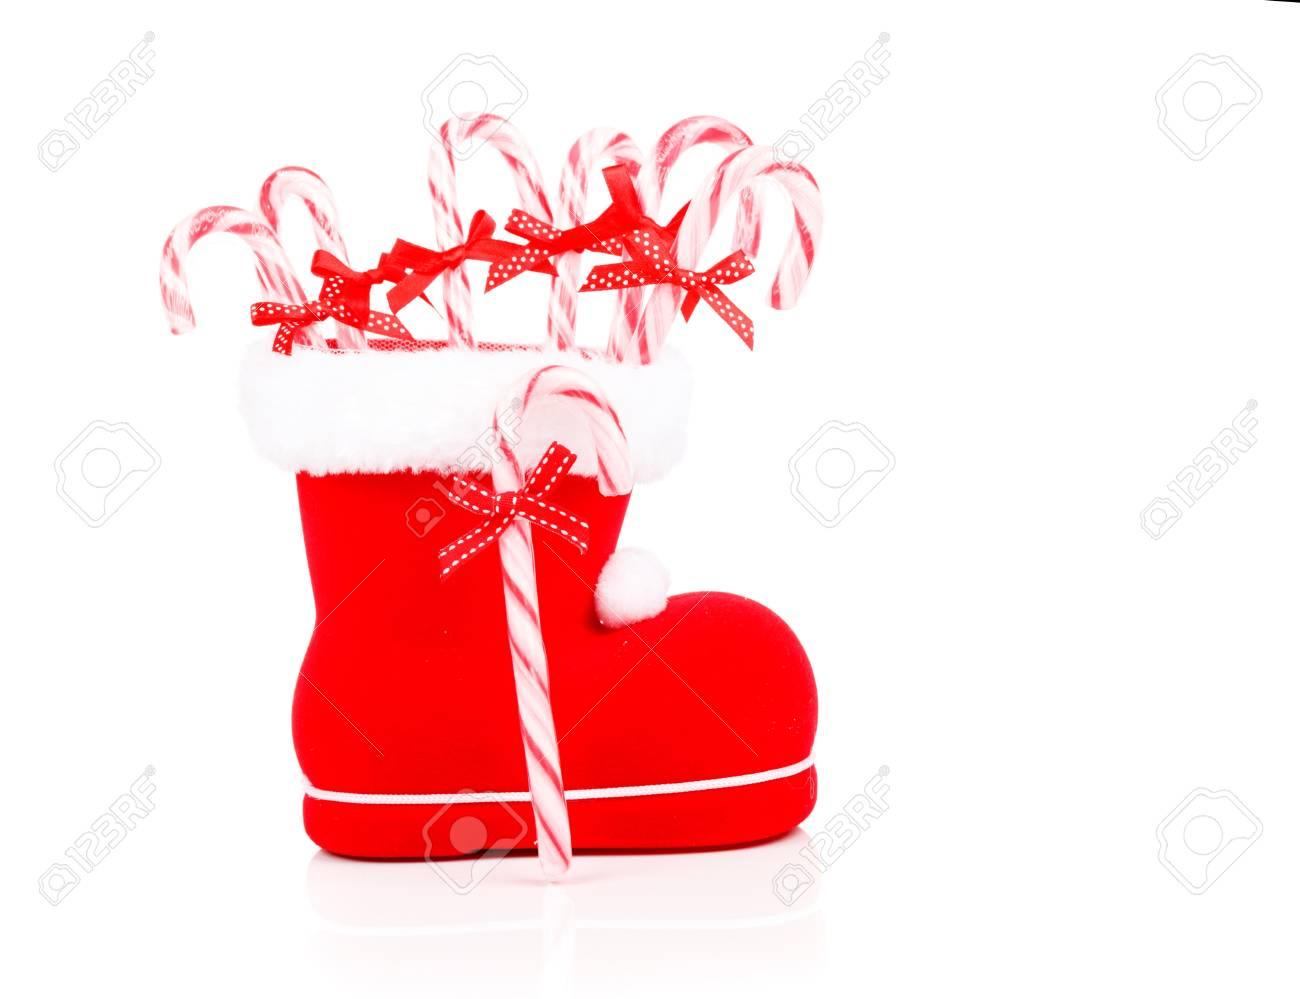 Weihnachten Süßigkeiten Stöcke In Einem Roten Schuh Lizenzfreie ...